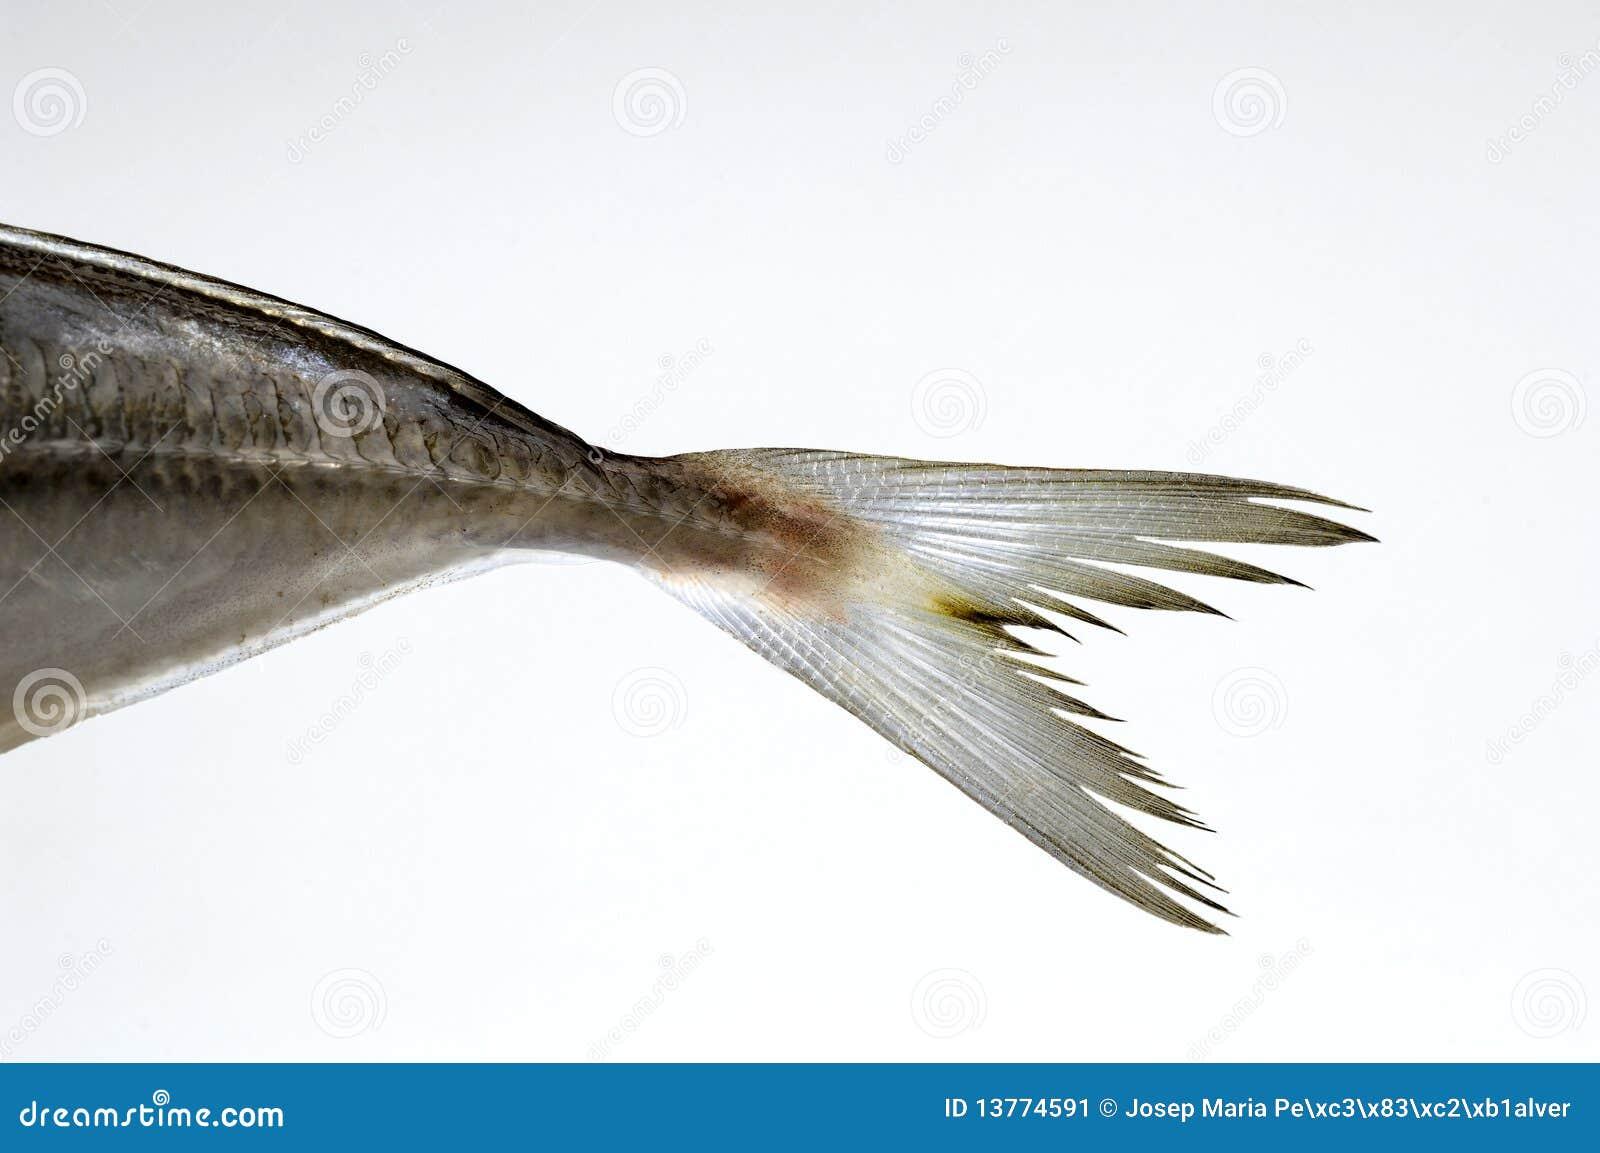 Fish tail fish beautiful - photo#15